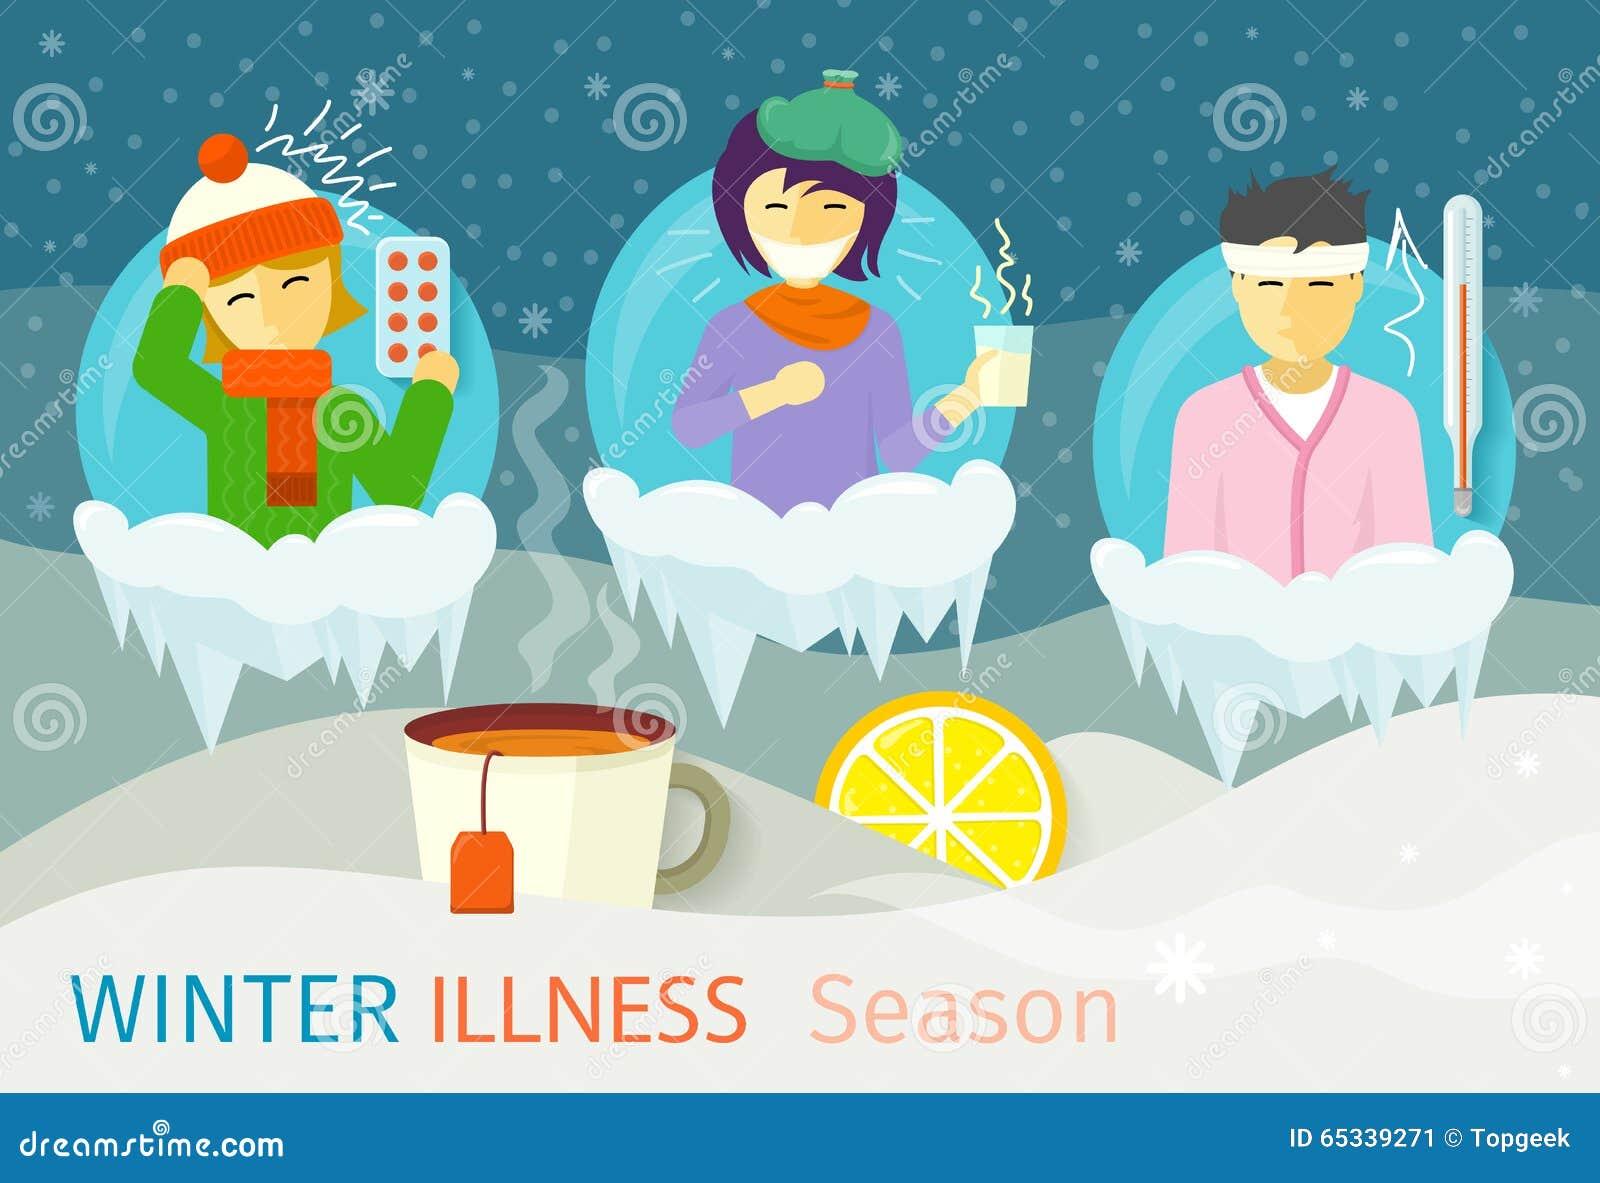 冬天病症季节人设计 冷和病,病毒和健康,流感传染,热病疾病,憔悴和图片